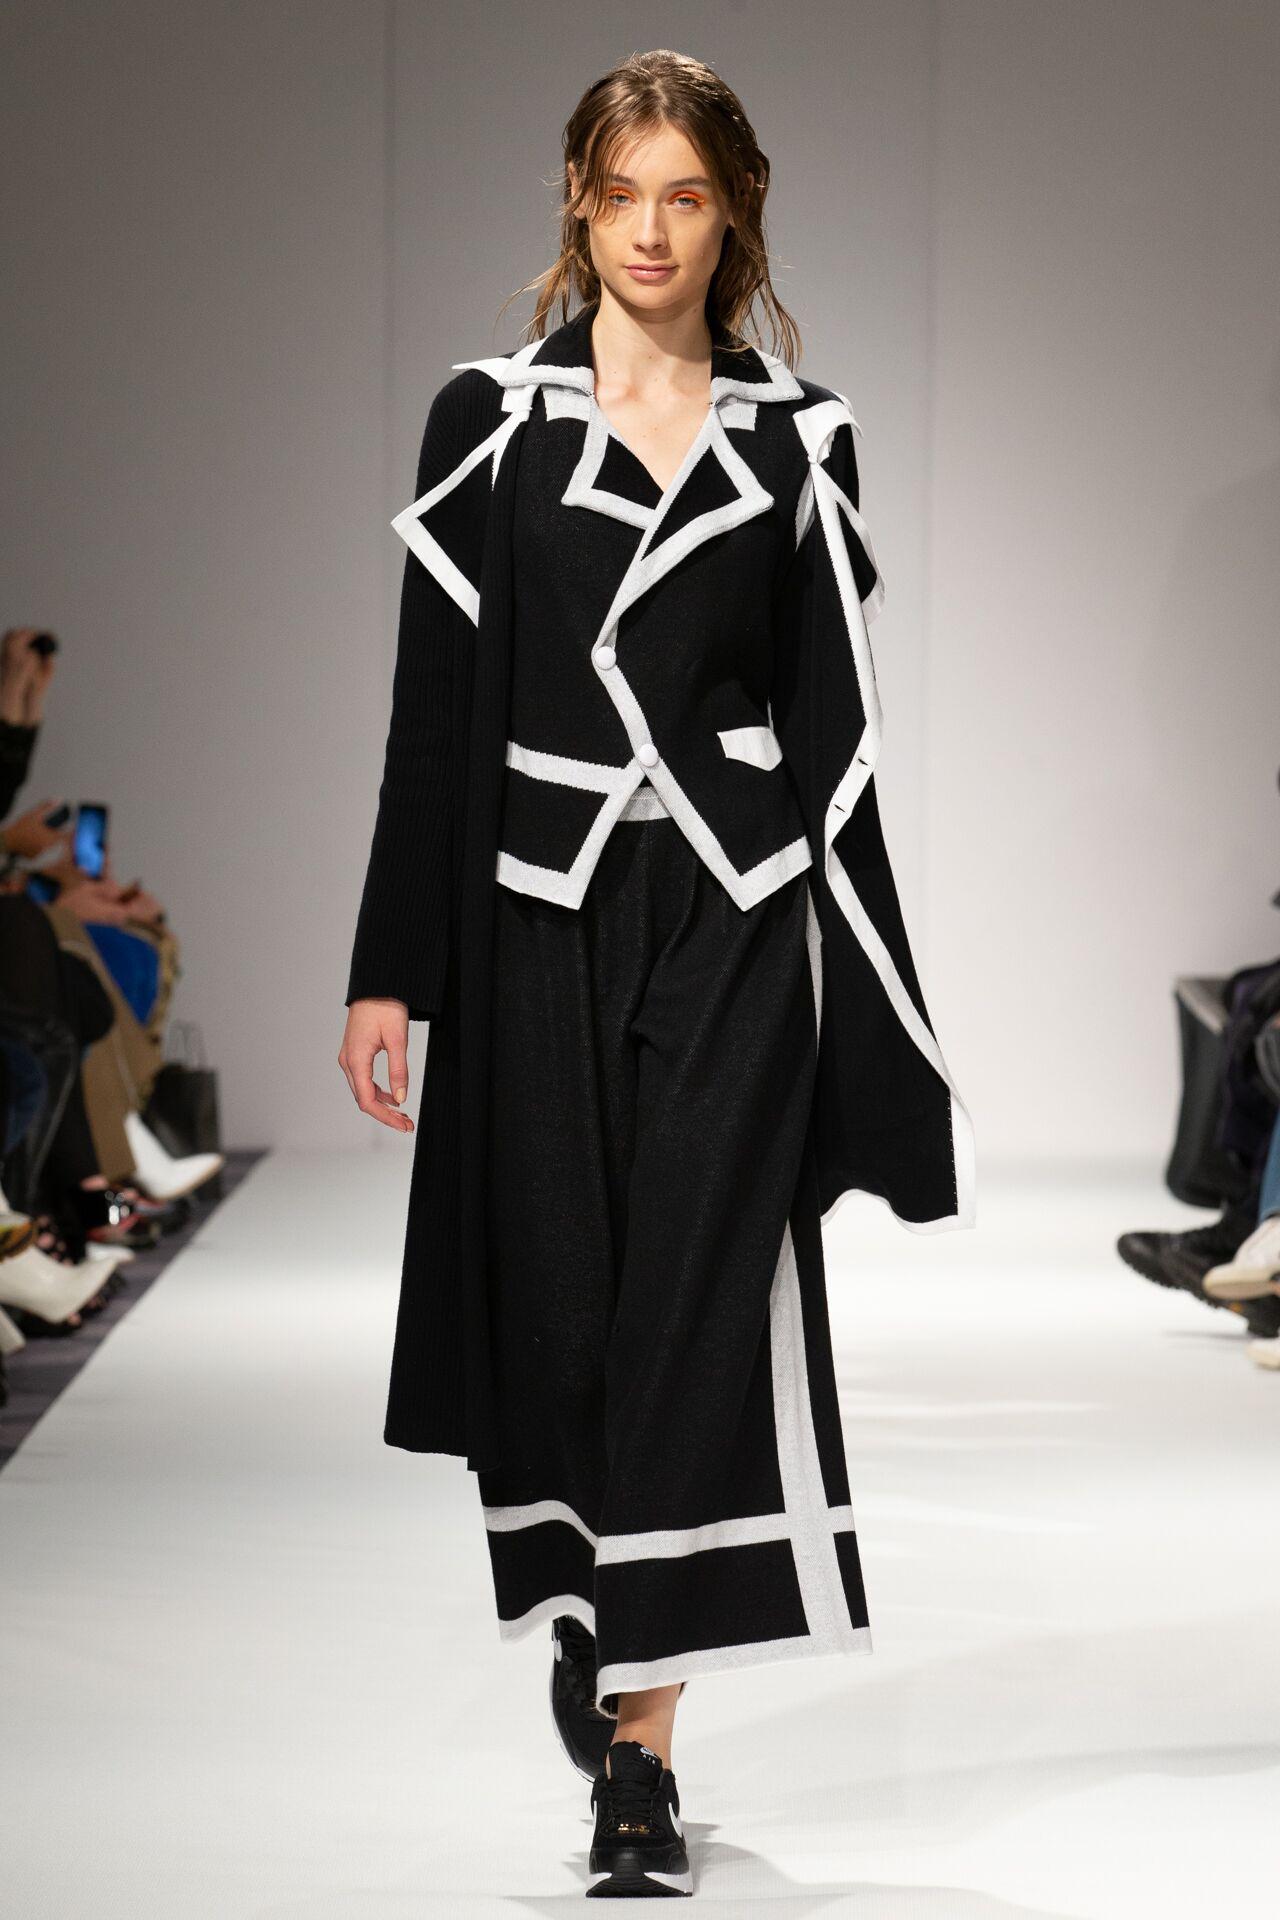 Apujan aw20 show during london fashion week (6)